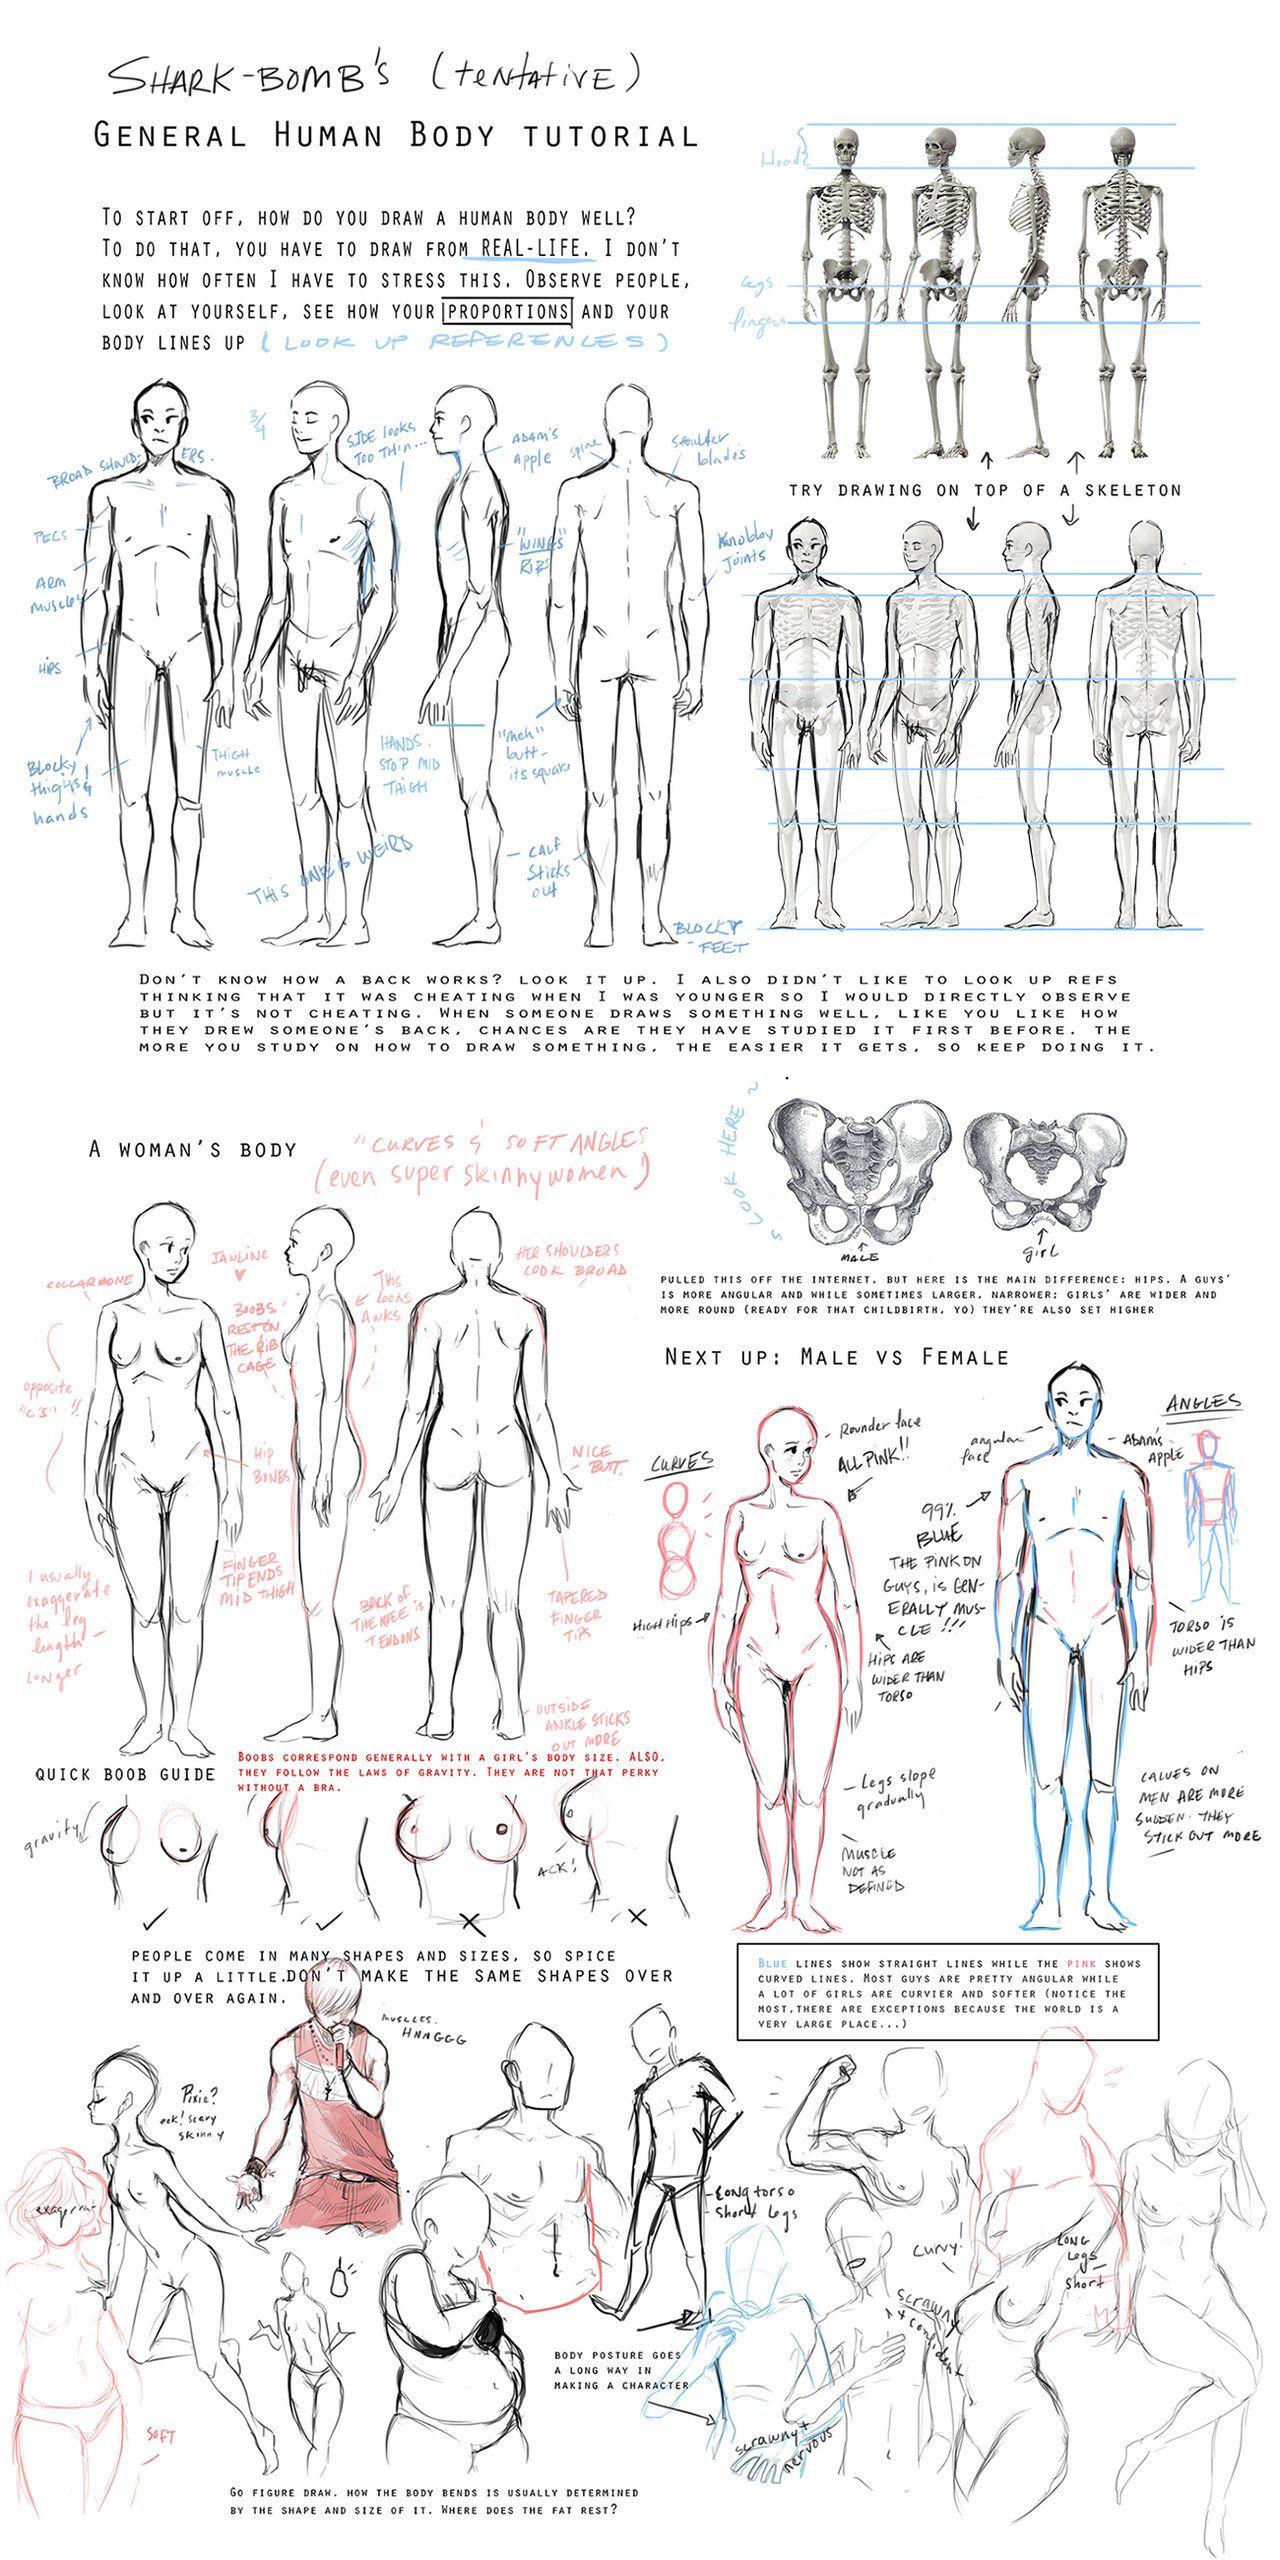 General Body Tutorial By ~sharkbomb On Deviantart